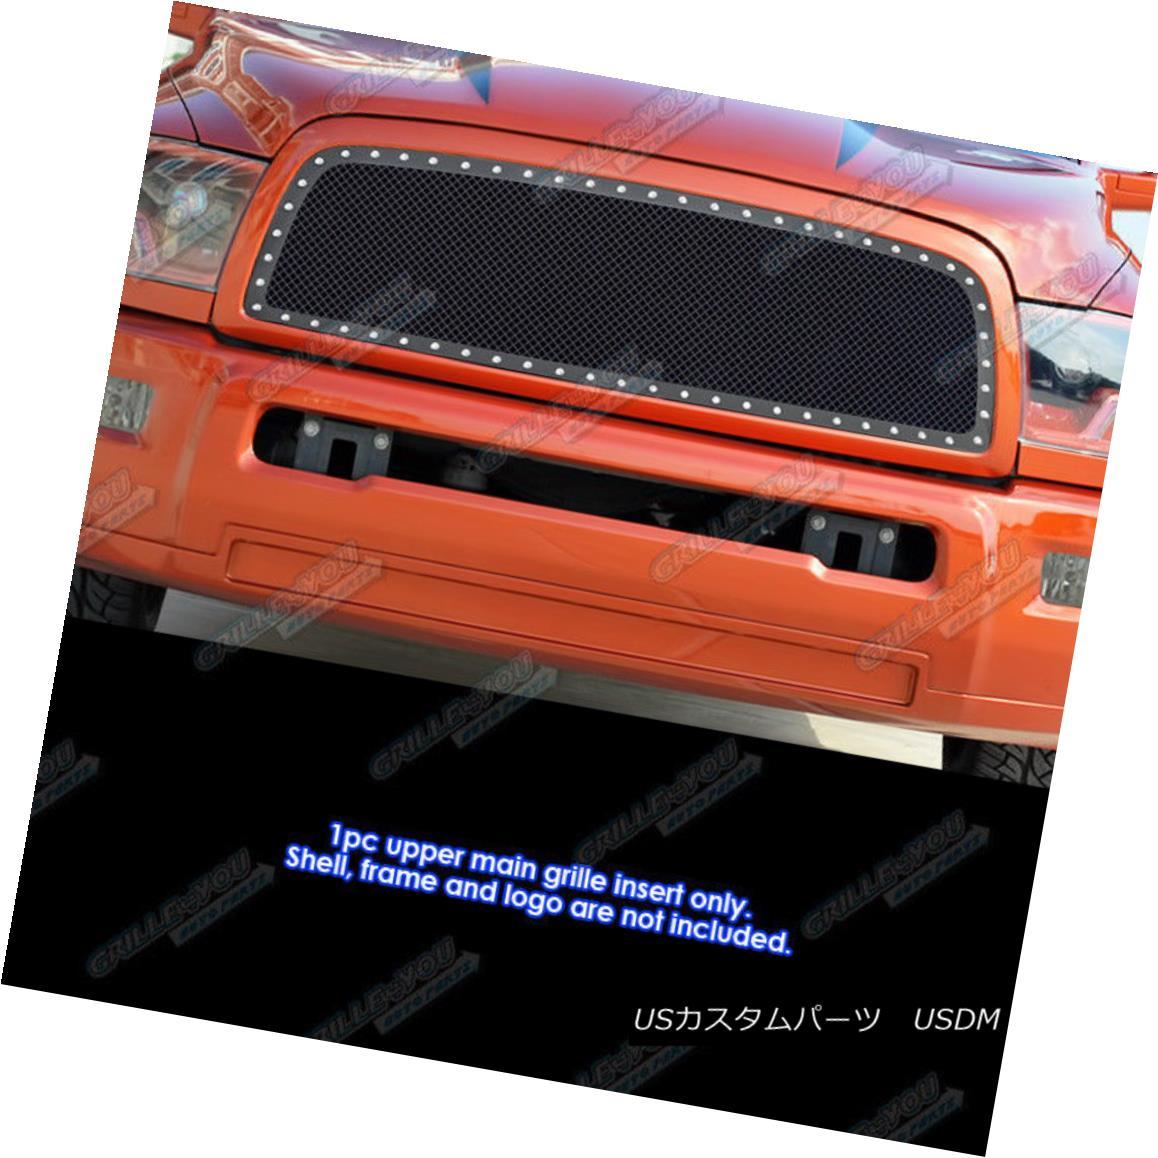 グリル Fits 2010-2012 Dodge Ram 2500/ 3500 Stainless Black Rivet Mesh Grille フィット2010-2012ダッジラム2500/3500ステンレスブラックリベットメッシュグリル